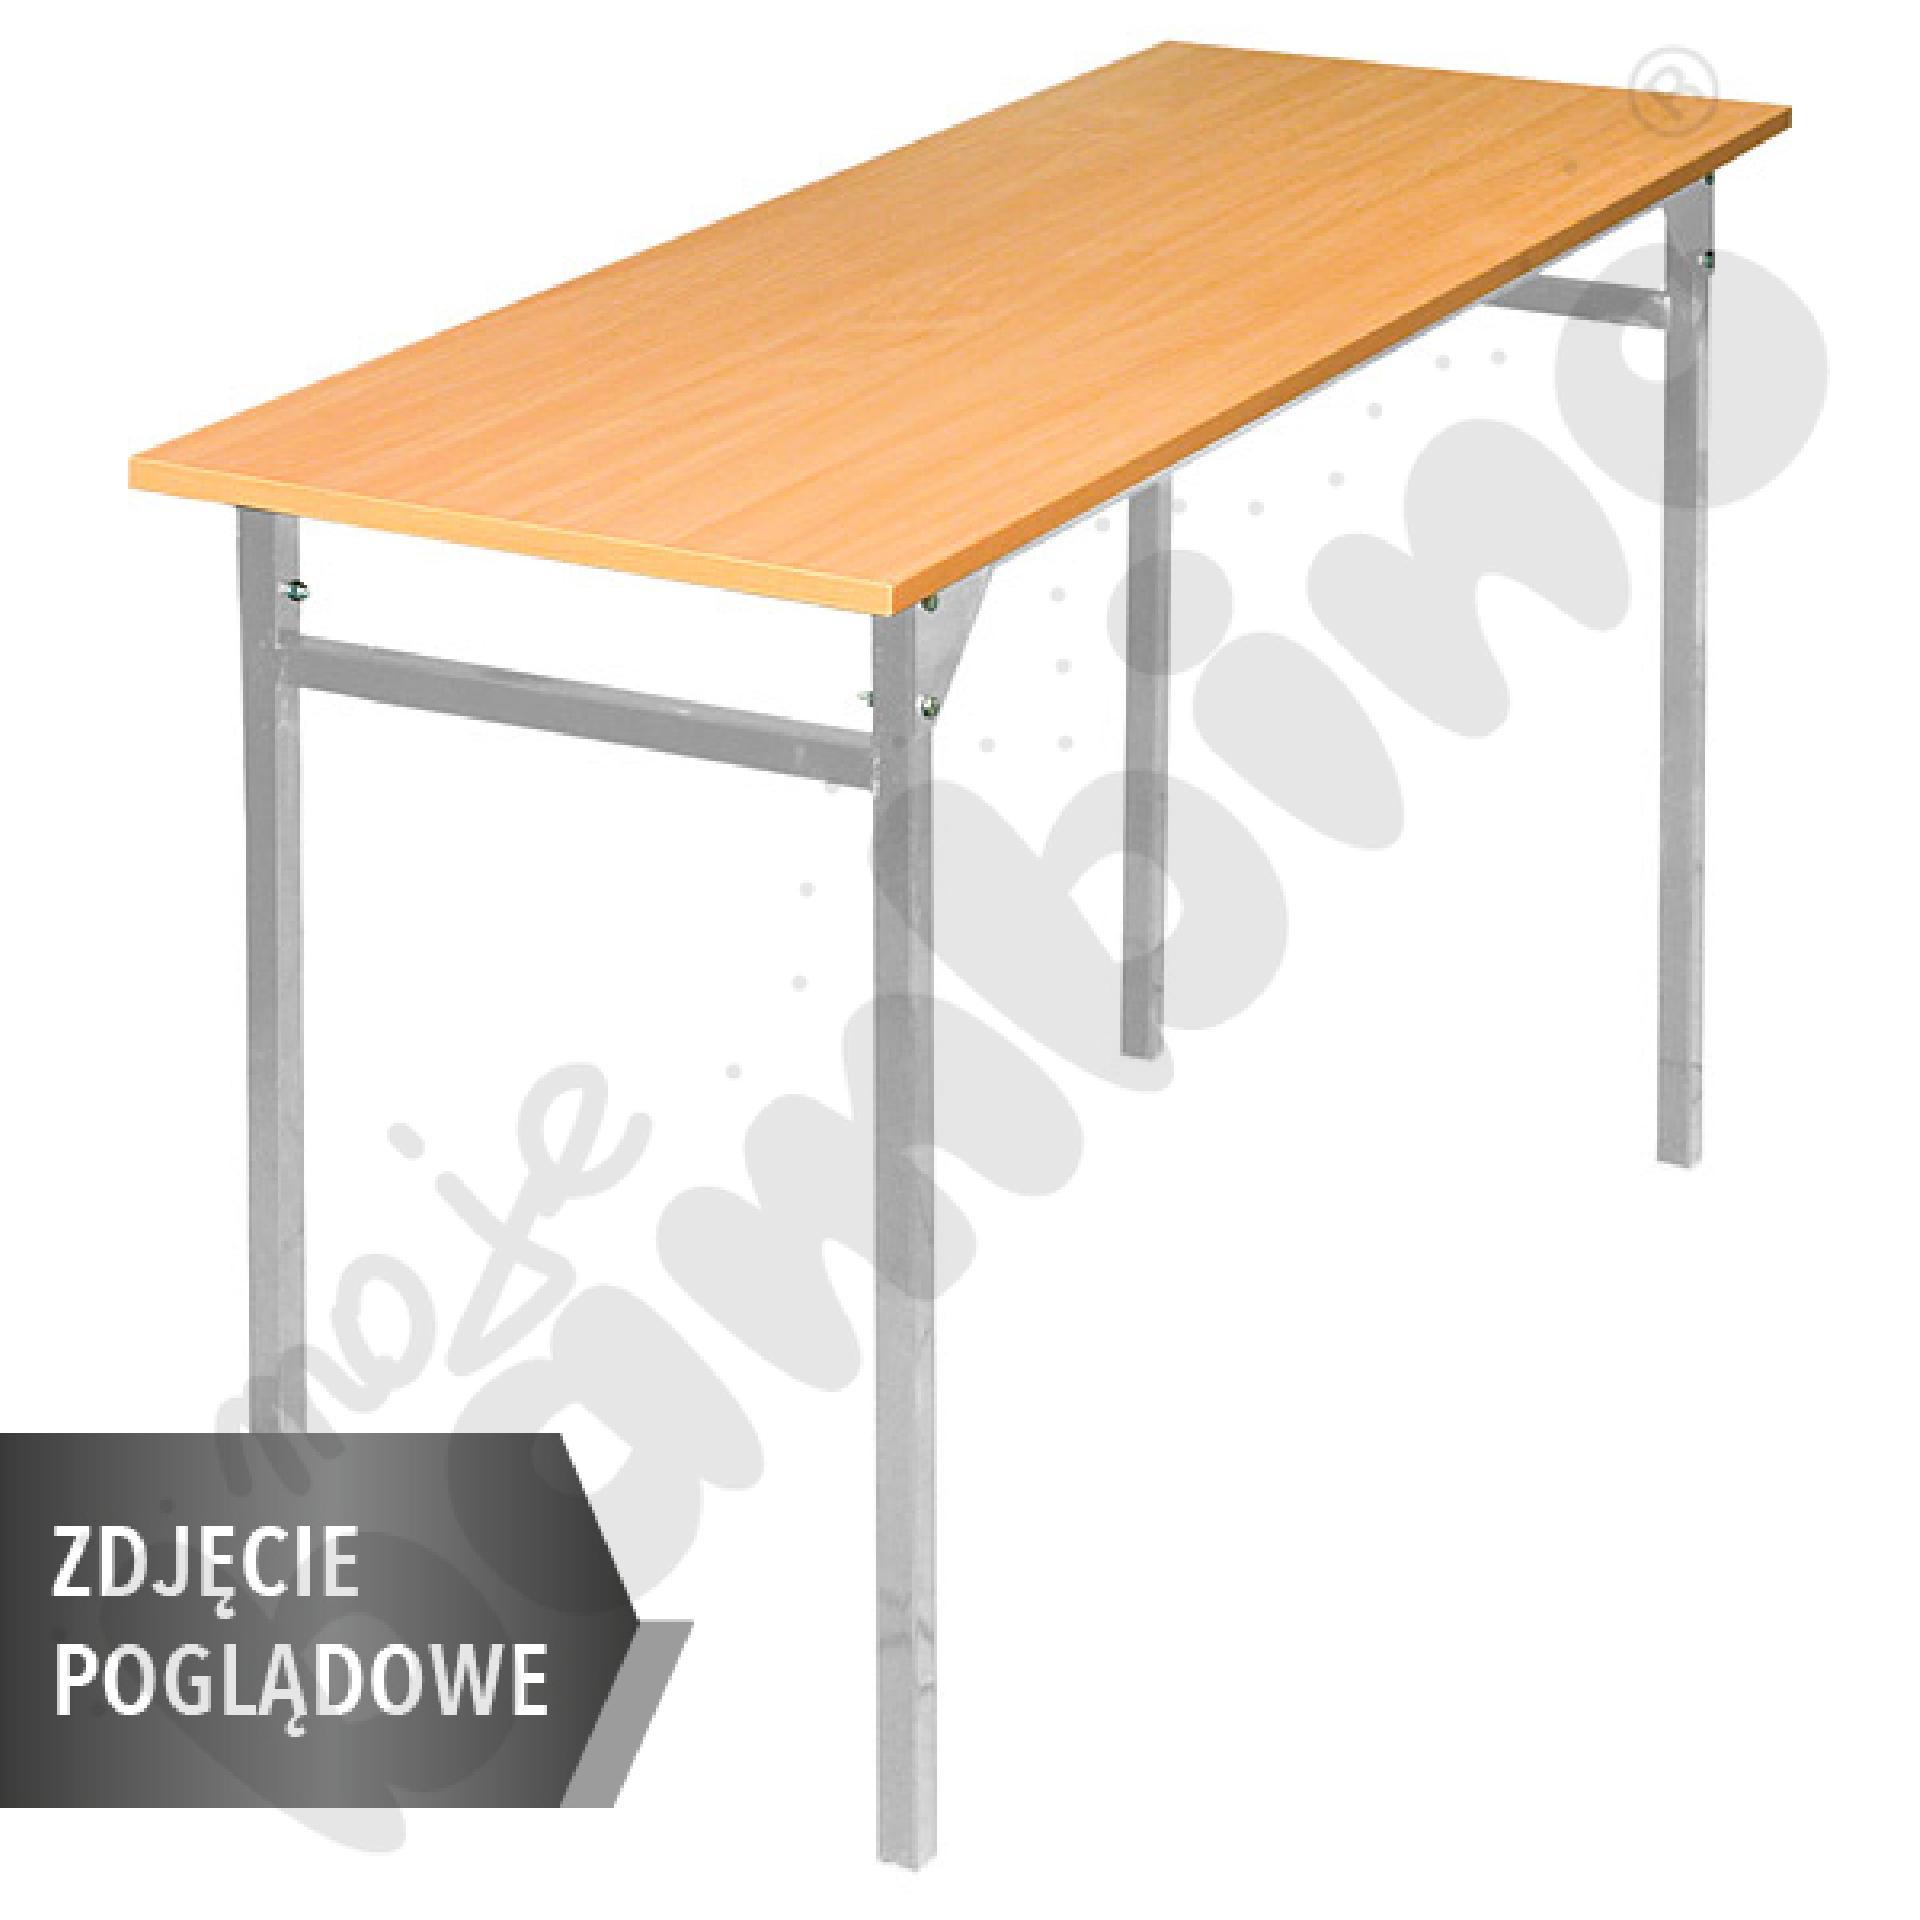 Stół B 130x50 rozm. 6, 2os., stelaż czarny, stopka plastikowa, blat brzoza, obrzeże ABS, narożniki zaokrąglone